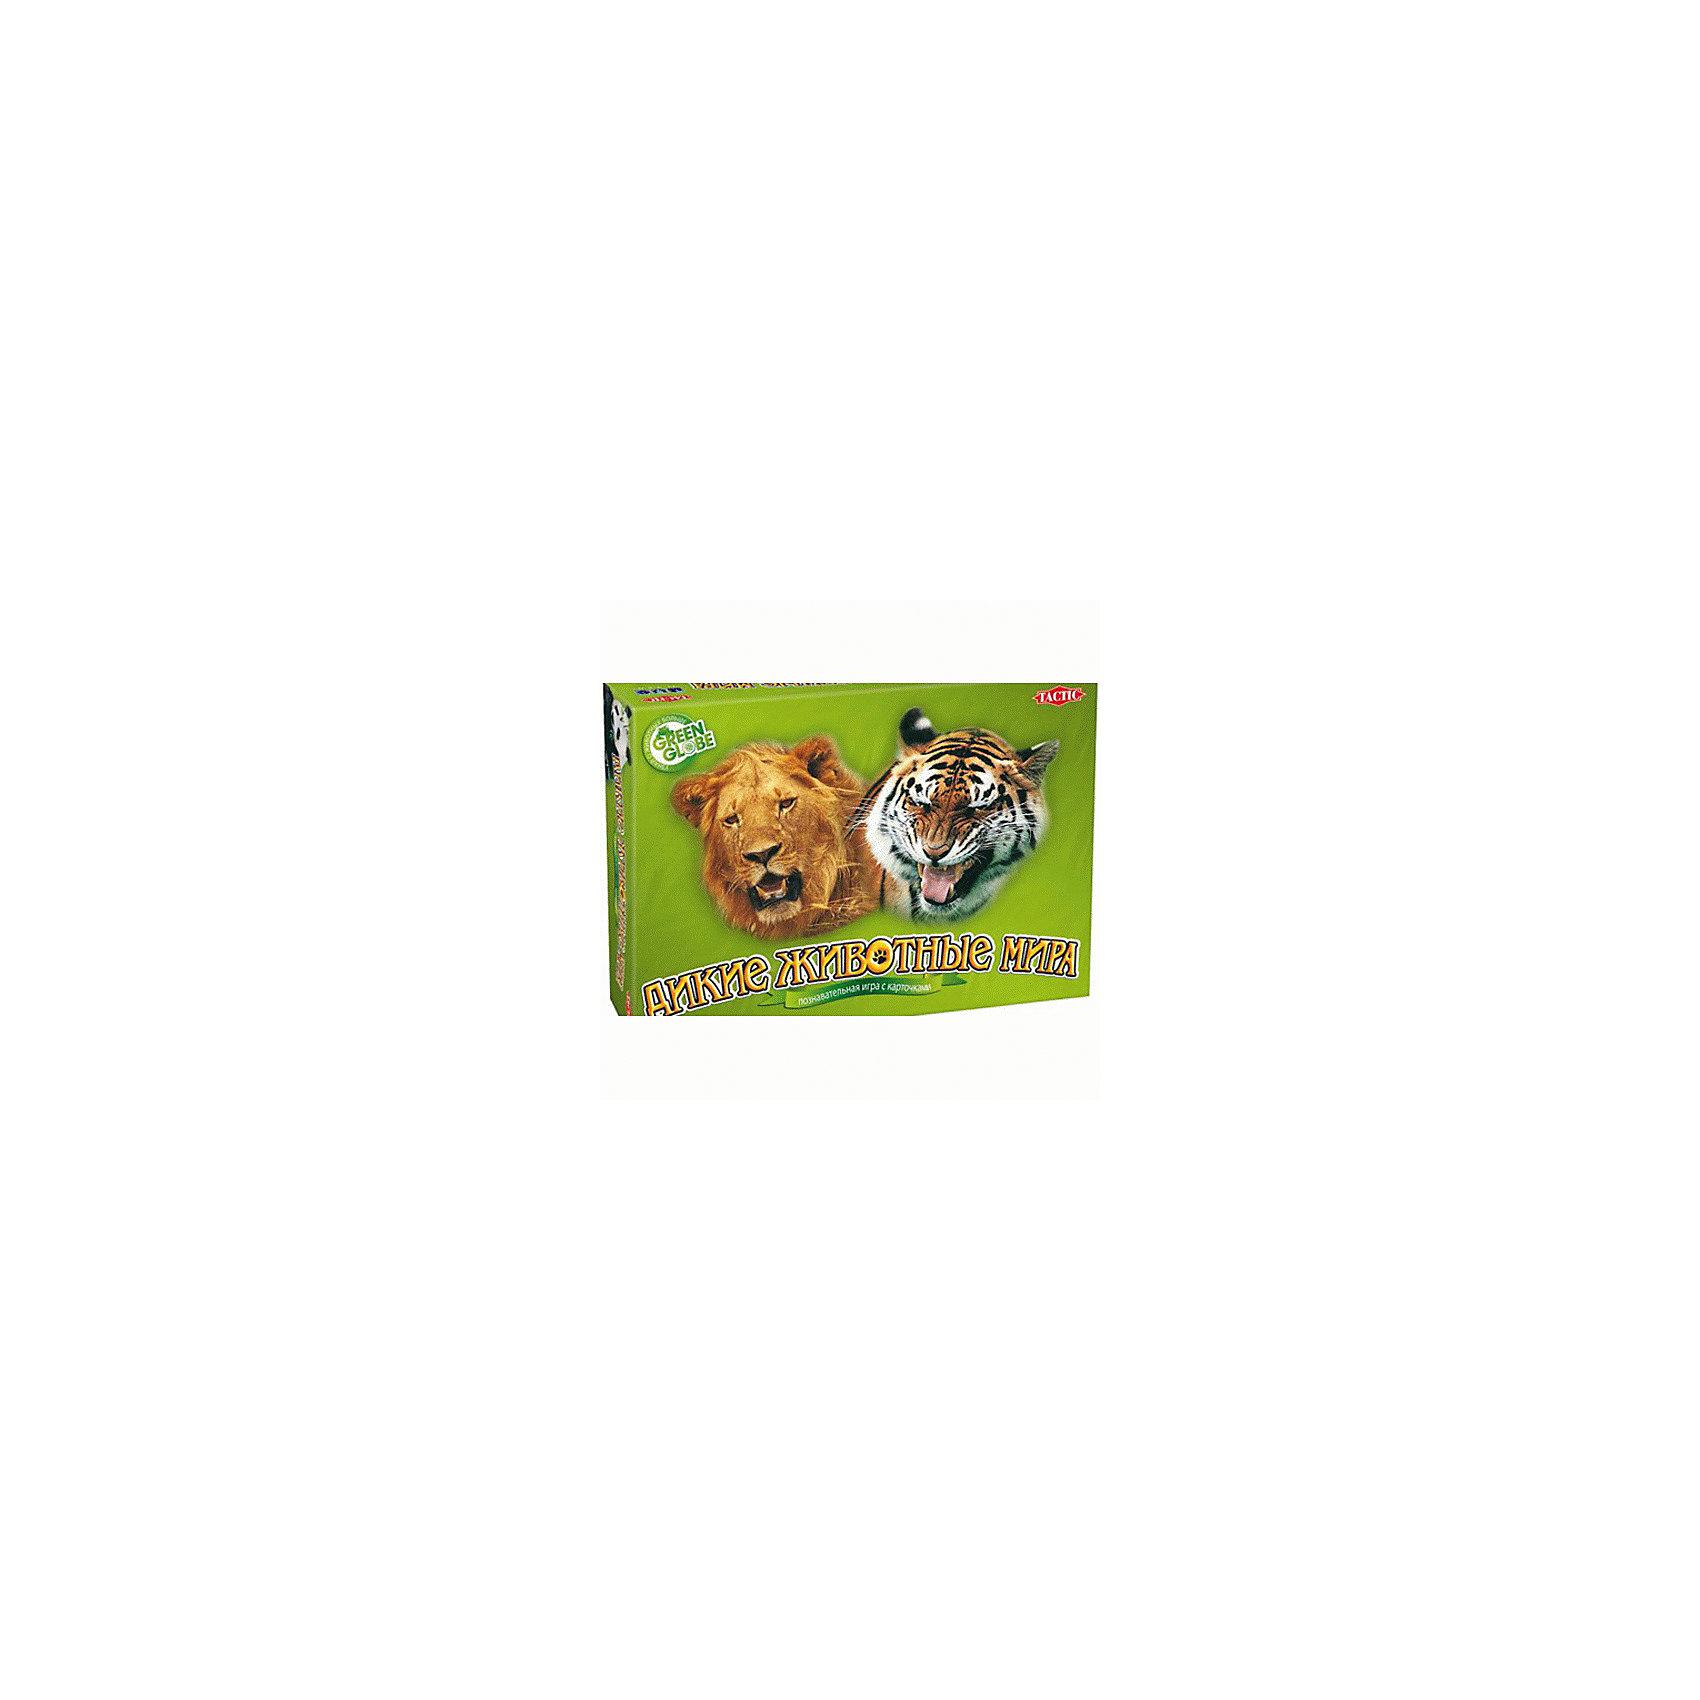 Карточная игра Дикие животные мира, Tactic GamesНастольные игры для всей семьи<br>Узнавать новое и весело проводить время с компанией или всей семьей поможет настольная игра «Дикие животные». В процессе игры малыши и взрослые познакомятся с 200 видами животных и уникальными фактами о них.<br>Просто тяните карточки и отвечайте на вопросы правильно! А другие игроки слушают и могут дополнять Ваш ответ. Выигрывает игру, конечно, тот, кто правильно ответит на большее число вопросов.<br>Такие игры способствуют развитию реакции, интеллекта, гибкости мышления и логики. Продается в удобной для хранения и использования упаковке. Сделана из материалов, безопасных для детей.<br><br>Дополнительная информация:<br><br>упаковка: 22 х 16 х 4 см;<br>комплектация: игровые карточки – 200 шт., правила игры – 1 шт.;<br>материал: картон.<br><br>Карточную игру «Дикие животные» от бренда Tactic Games (Тактик Геймс) можно купить в нашем интернет-магазине.<br><br>Ширина мм: 220<br>Глубина мм: 50<br>Высота мм: 220<br>Вес г: 400<br>Возраст от месяцев: 84<br>Возраст до месяцев: 2147483647<br>Пол: Унисекс<br>Возраст: Детский<br>SKU: 5055334